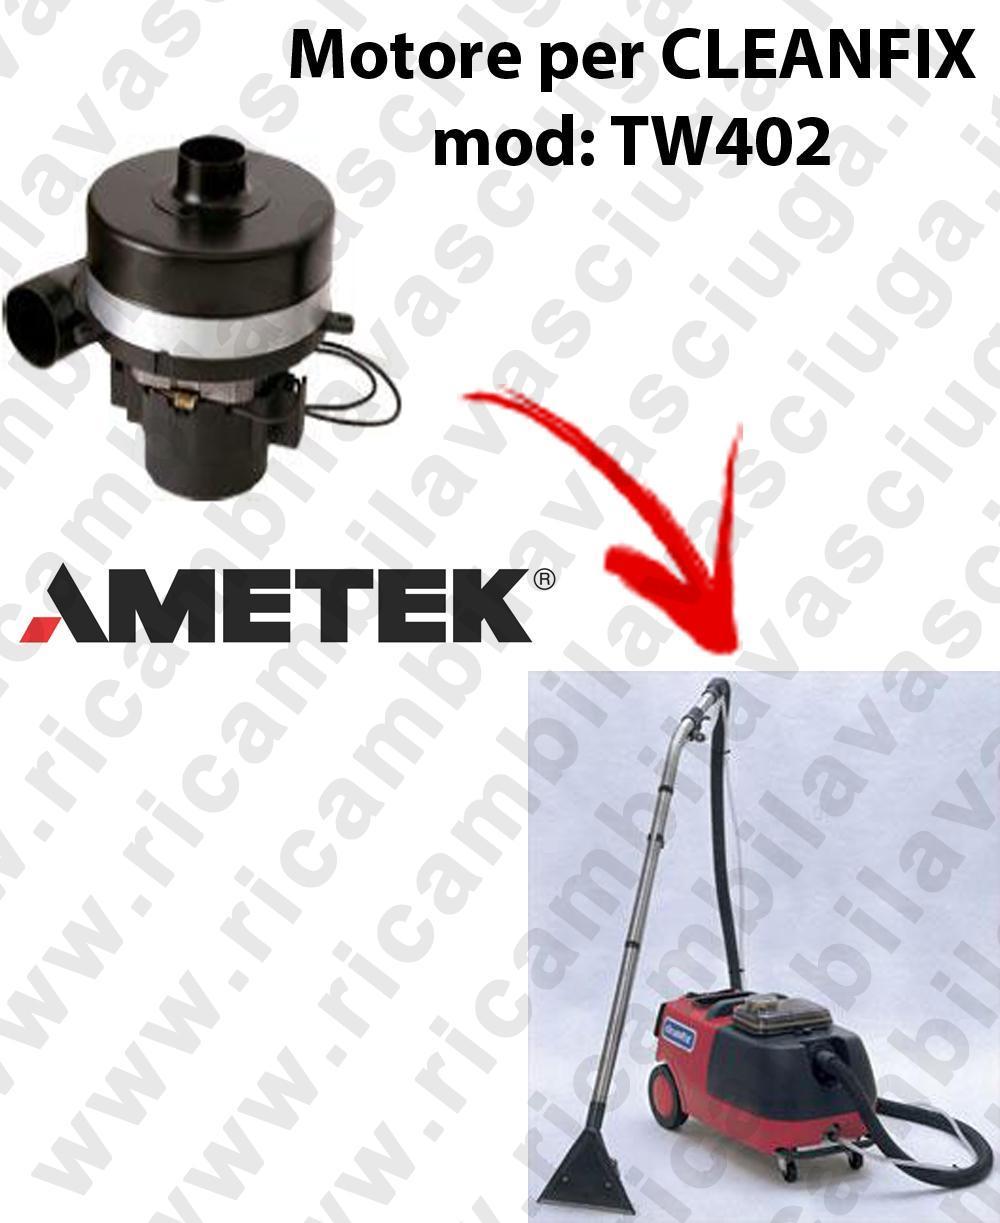 TW402 MOTEUR AMETEK aspiration pour aspirateur CLEANFIX